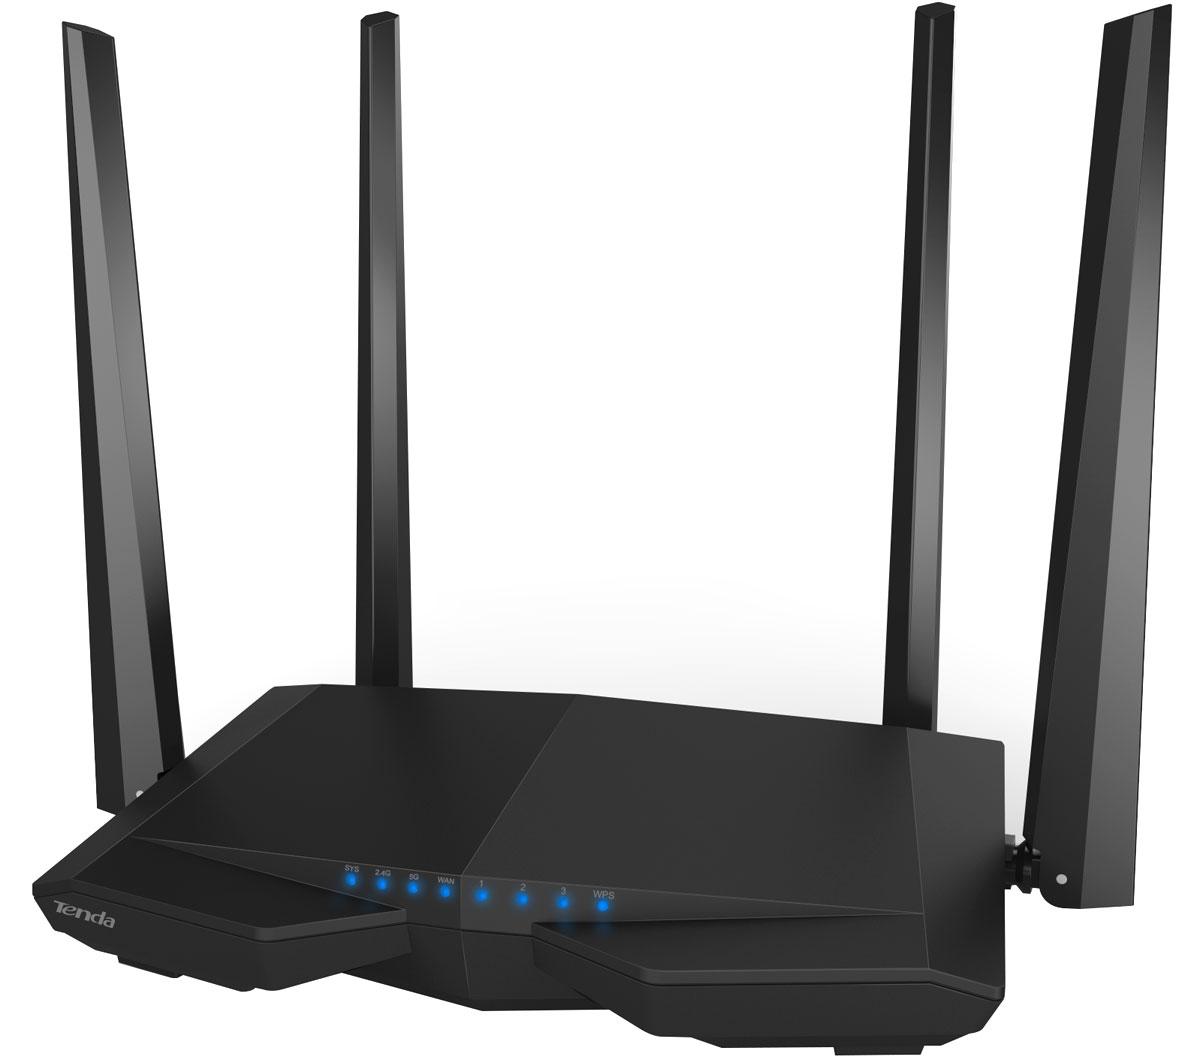 Tenda AC6 беспроводной маршрутизатор463488Tenda AC6 – мощный маршрутизатор для быстрой Wi-Fi сети. Он принадлежит к 5-му поколению Wi–Fi устройств. Процессор Broadcom обеспечивает быструю и стабильную работу двух диапазонах на максимальной скорости до 1167 Мбит/с.Четыре антенны 5дБ, независимые усилители сигнала и технология Beamforming+ позволяют сигналу преодолевать стены вдвое эффективнее. Это означает, что можно наслаждаться играми и непрерывным просмотром видео в любое время и где угодно. Функция умного планирования доступа в Интернет, снижая потребление электроэнергии и обеспечивая умное использование Интернет.Роутер AC6 – представитель нового поколения Wi–Fi. Он обеспечивает в три раз большую пропускную способность, чем обычный роутер N-стандарта: 300 Mбит/с в диапазоне 2.4 ГГц + 867Mбит/с на 5 ГГц= общая скорость до 1167Mбит/с. Tenda AC6 – превосходный выбор для просмотра ТВ передач высокой чёткости, on-line игр и других ресурсоемких задач.Оснащенный чипом Broadcom 900 МГц, AC6 становится центром продвинутой Wi-Fi сети, гарантируя полную совместимость и стабильную работу подключенного оборудования. Просто наслаждайтесь Интернет в любое время и в любом месте.Роутер AC6 оснащен четырьмя антеннами с коэффициентом усиления 5 дБ, которые используют передовую технологию приема-передачи сигнала. Их мощный сигнал обеспечивает охват каждого уголка в доме.Просто укажите время, и AC6 выключит и включит Wi-Fi когда нужно. Это снизит потребление электроэнергии и улучшит экологию в доме в целом.Простой интерфейс позволяет настроить и получить доступ в Интернет в течение 30 секунд даже неподготовленному пользователю. Настойки AC6 просты и интуитивно понятны.